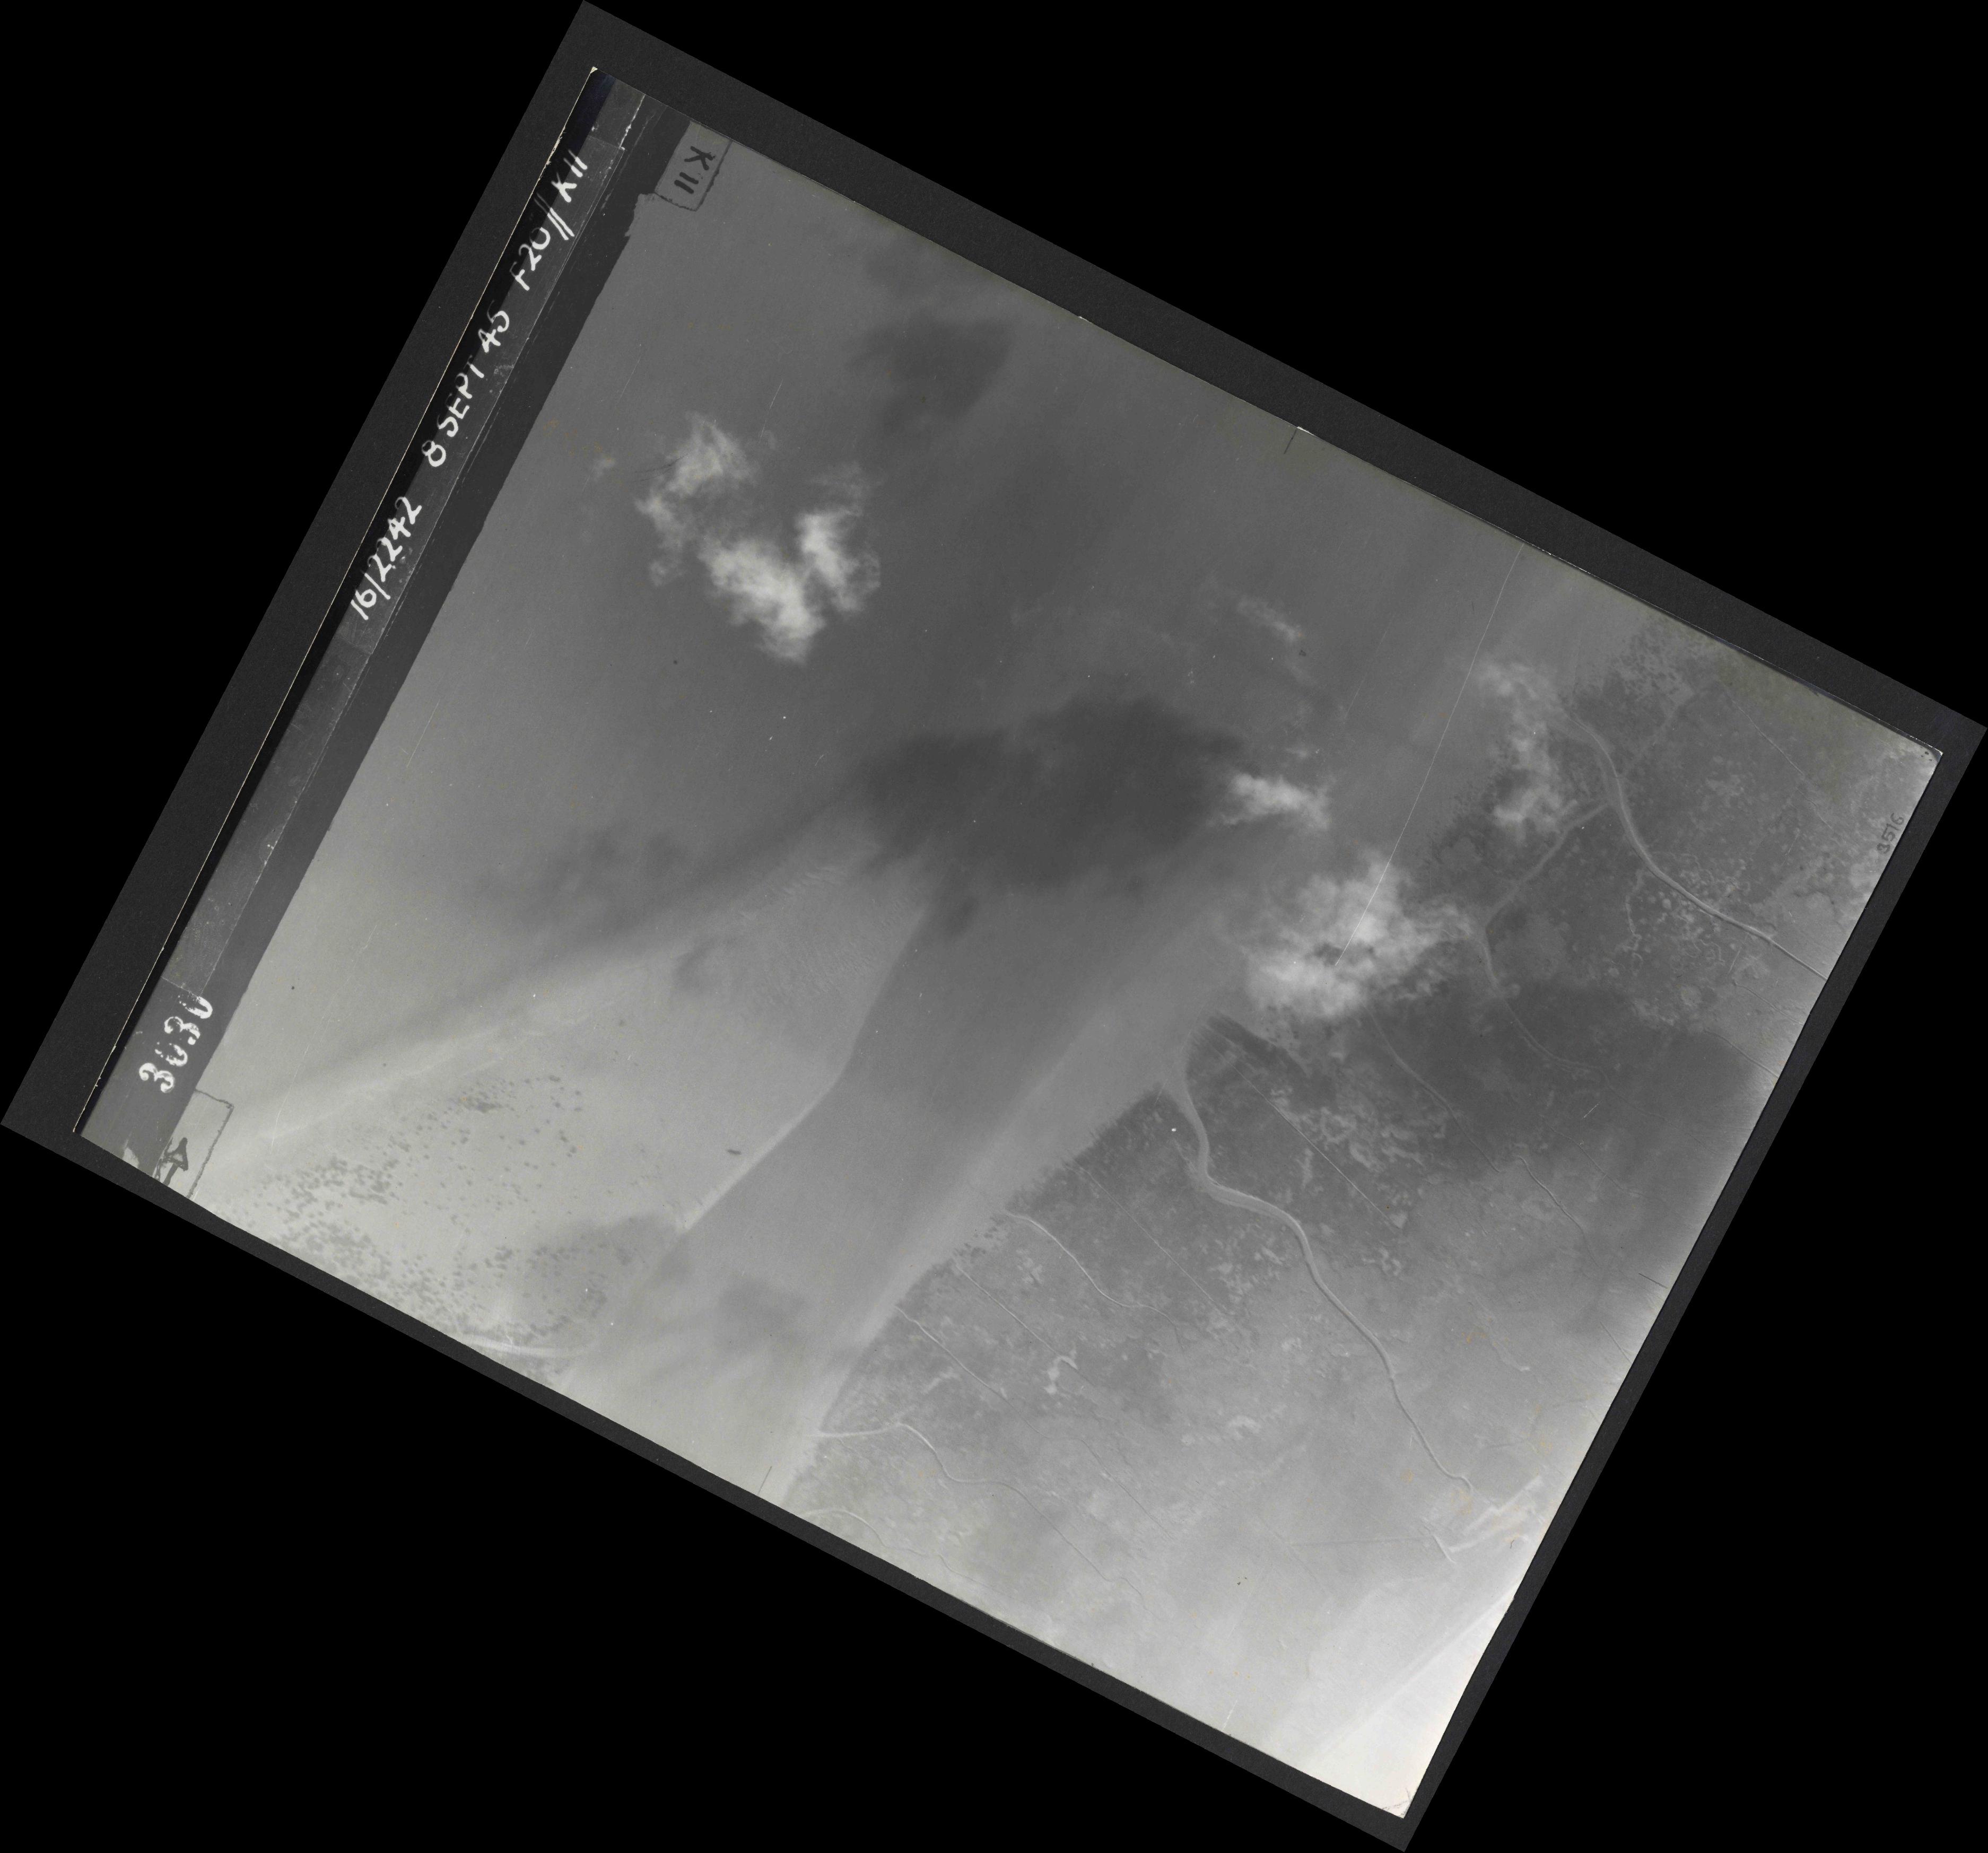 Collection RAF aerial photos 1940-1945 - flight 036, run 12, photo 3030